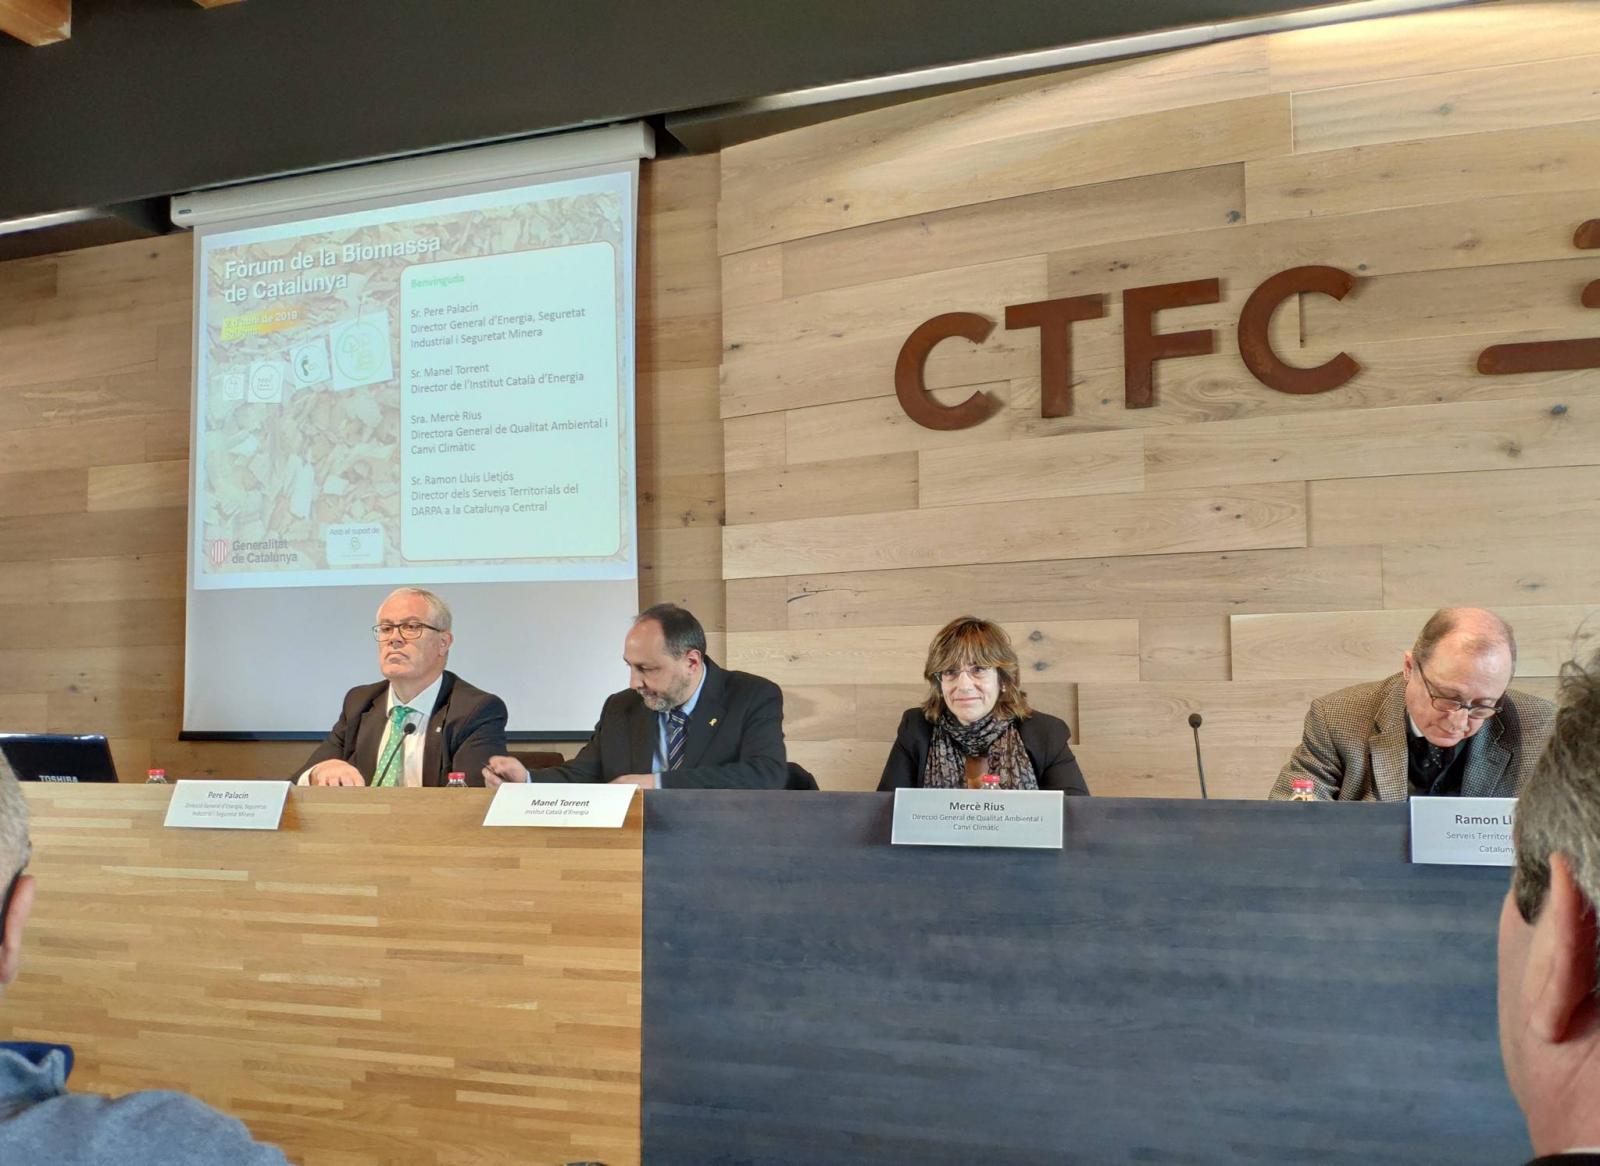 Fòrum de la Biomassa de Catalunya